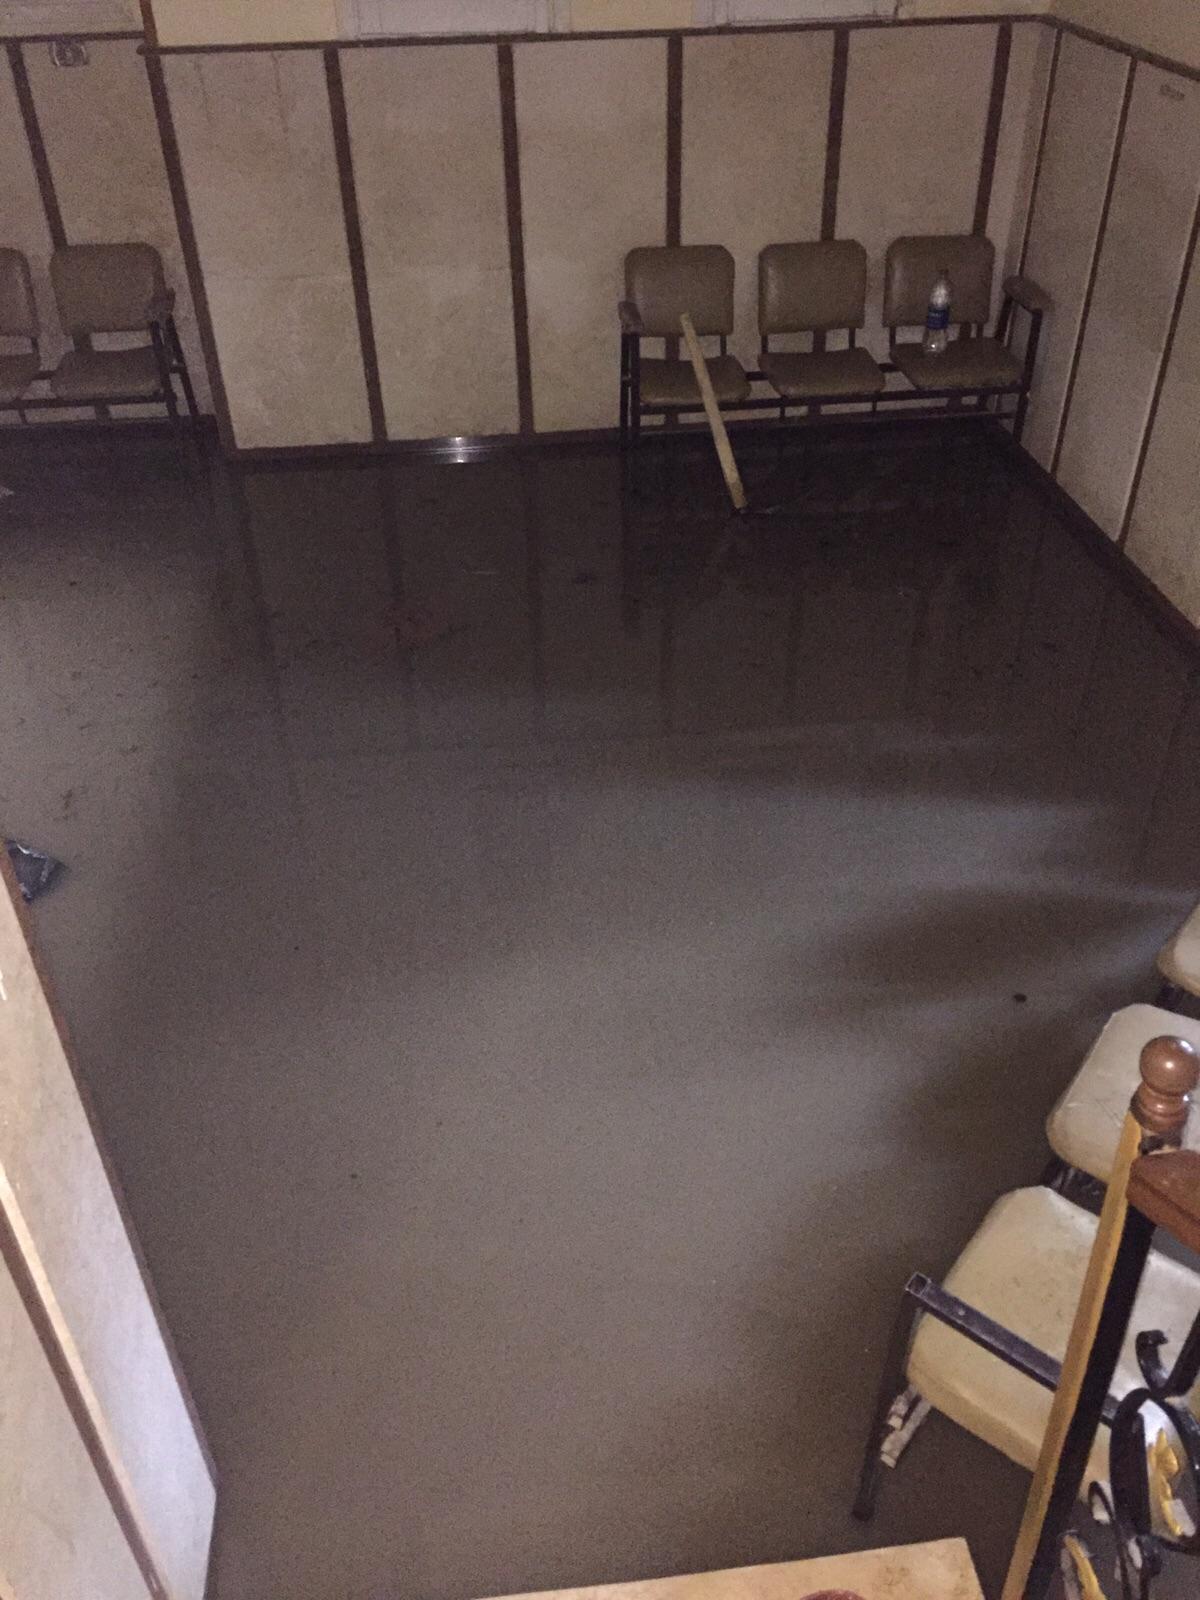 الأمطار تقتحم غرف المرضى في مستشفى بكوم حمادة في البحيرة